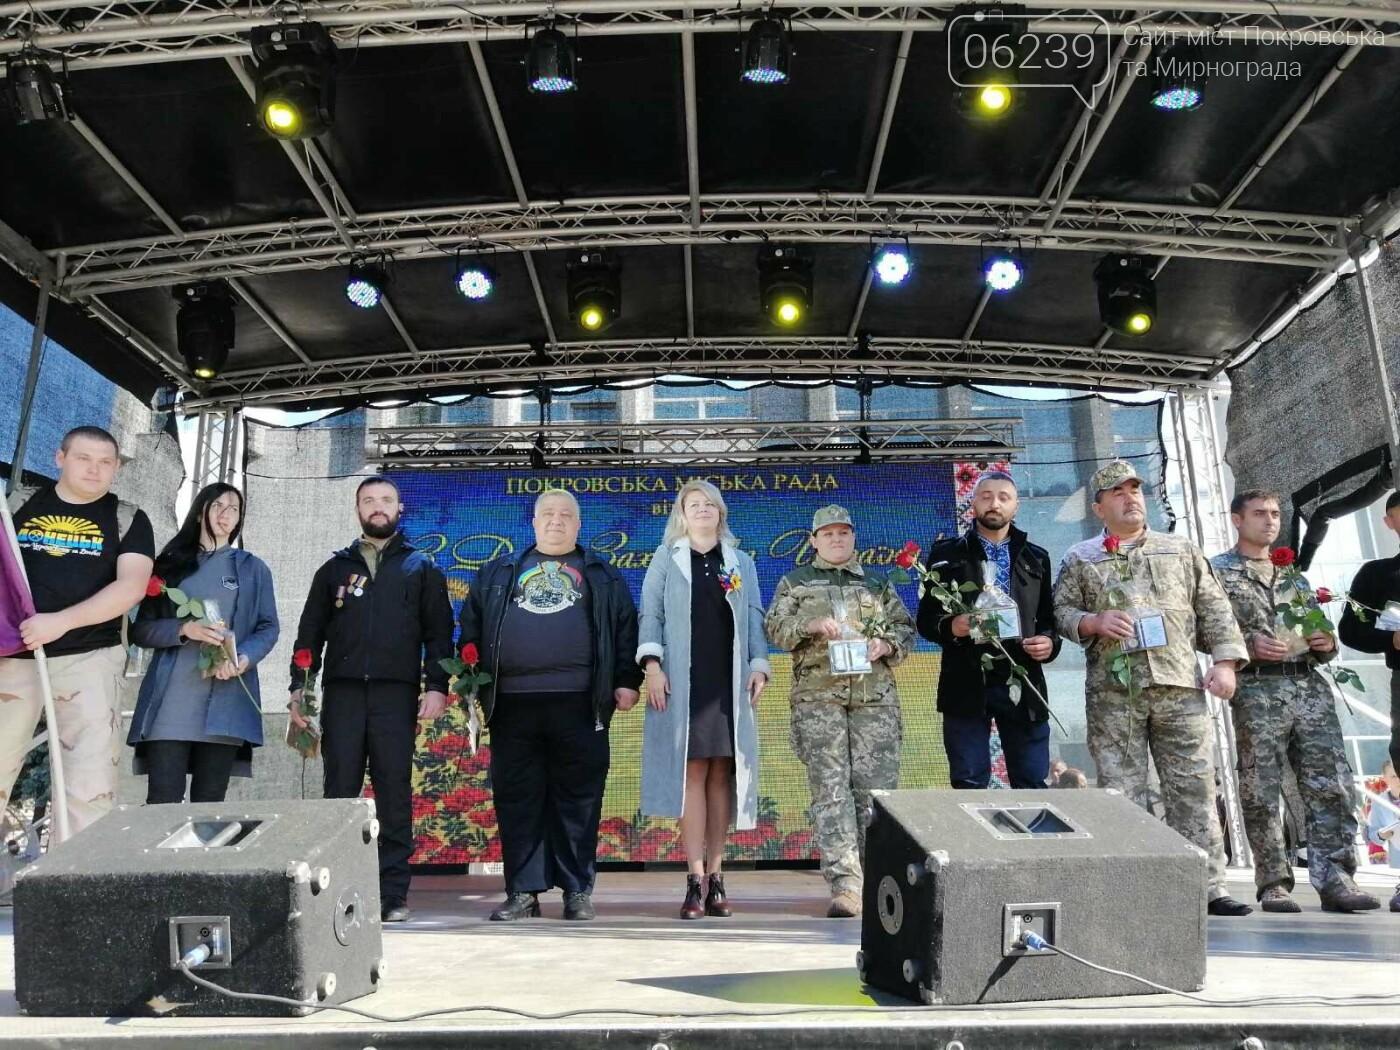 Святкова программа на честь святкування Дня захисника триває у Покровську, фото-9